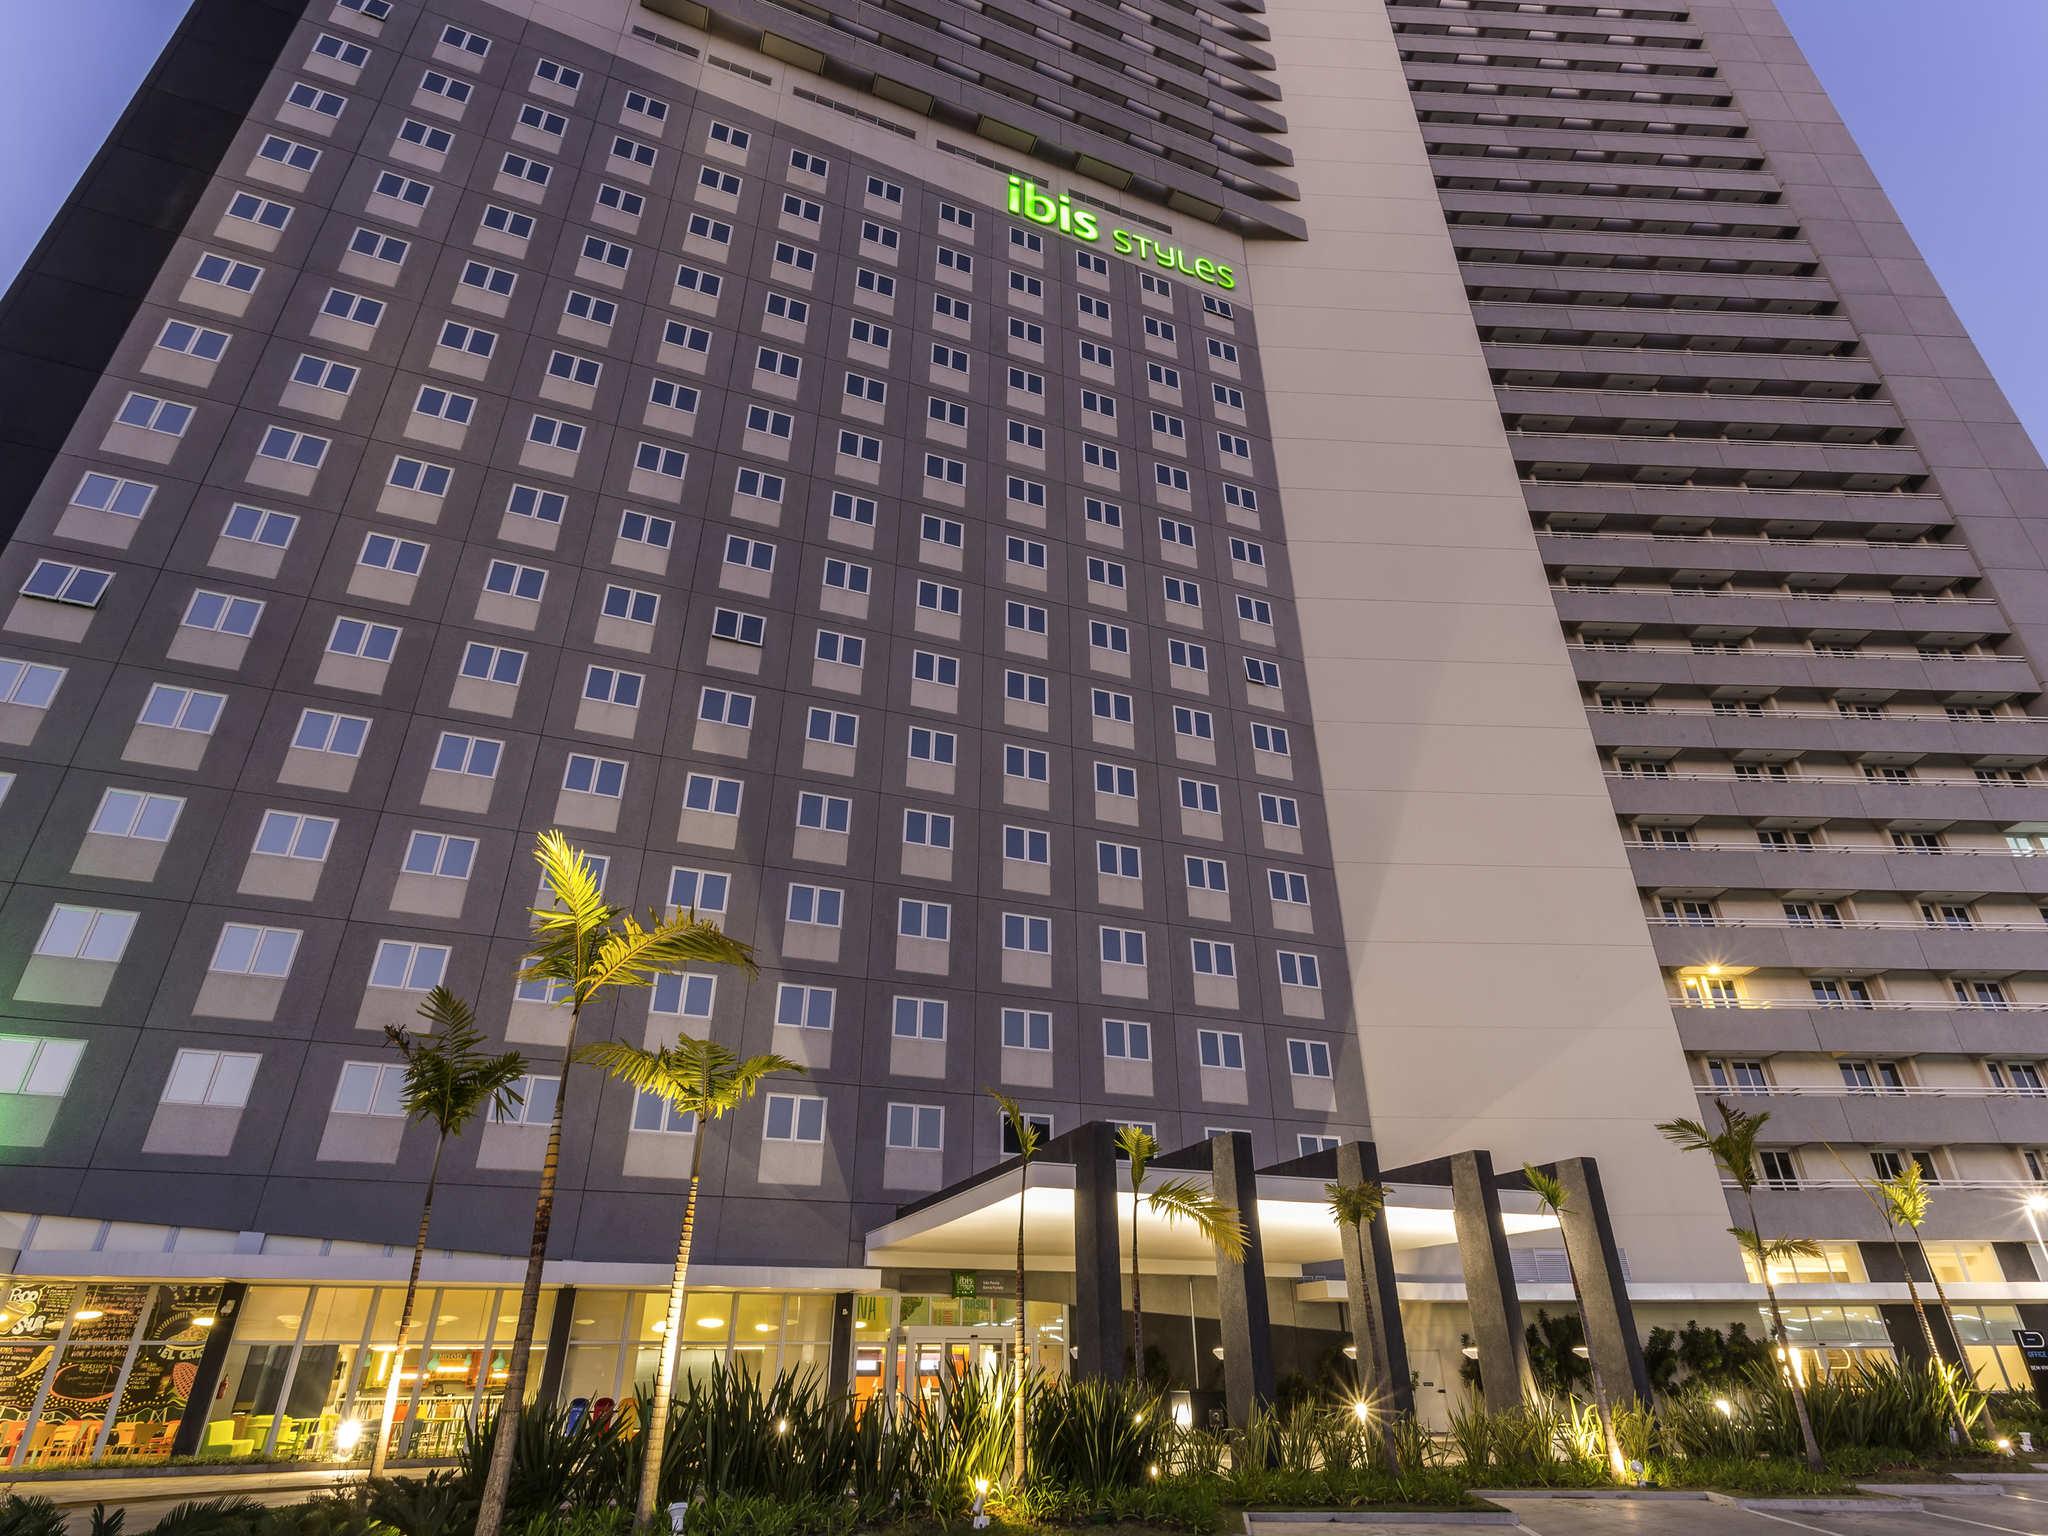 Hotel – Hotel ibis Styles São Paulo Barra Funda